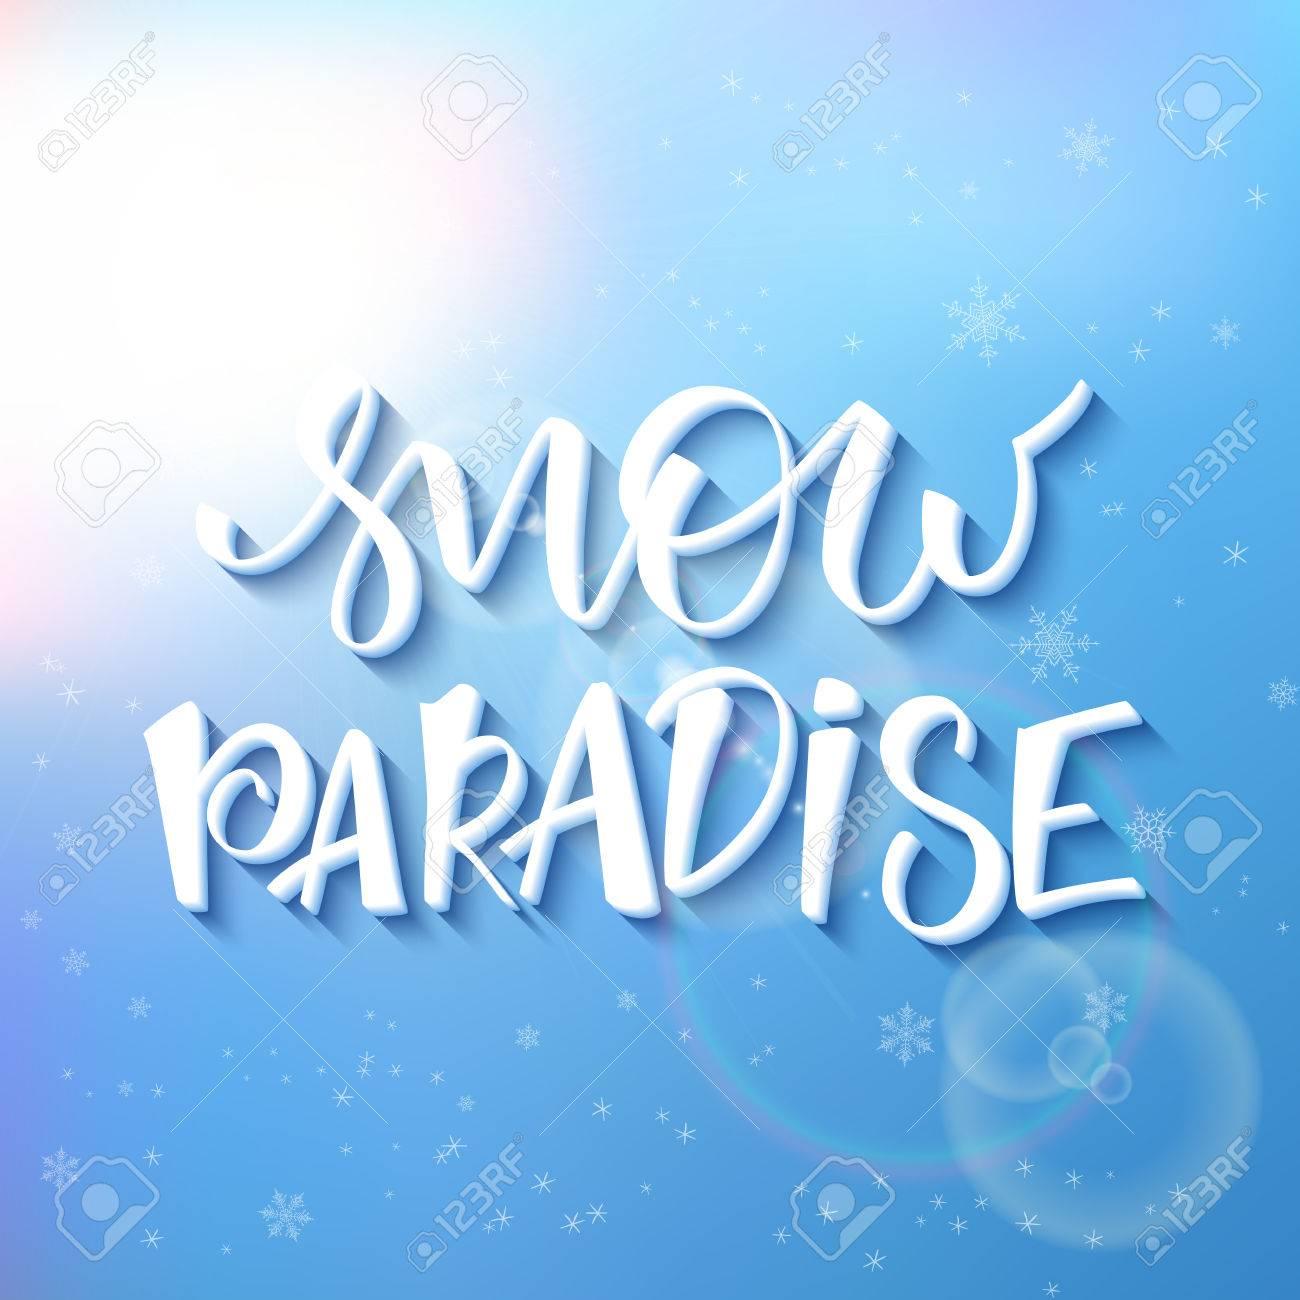 Ilustración Vectorial De La Mano De Letras Frase De Invierno Con Copos De Nieve Y La Llamarada En El Fondo Del Cielo Paraíso De La Nieve